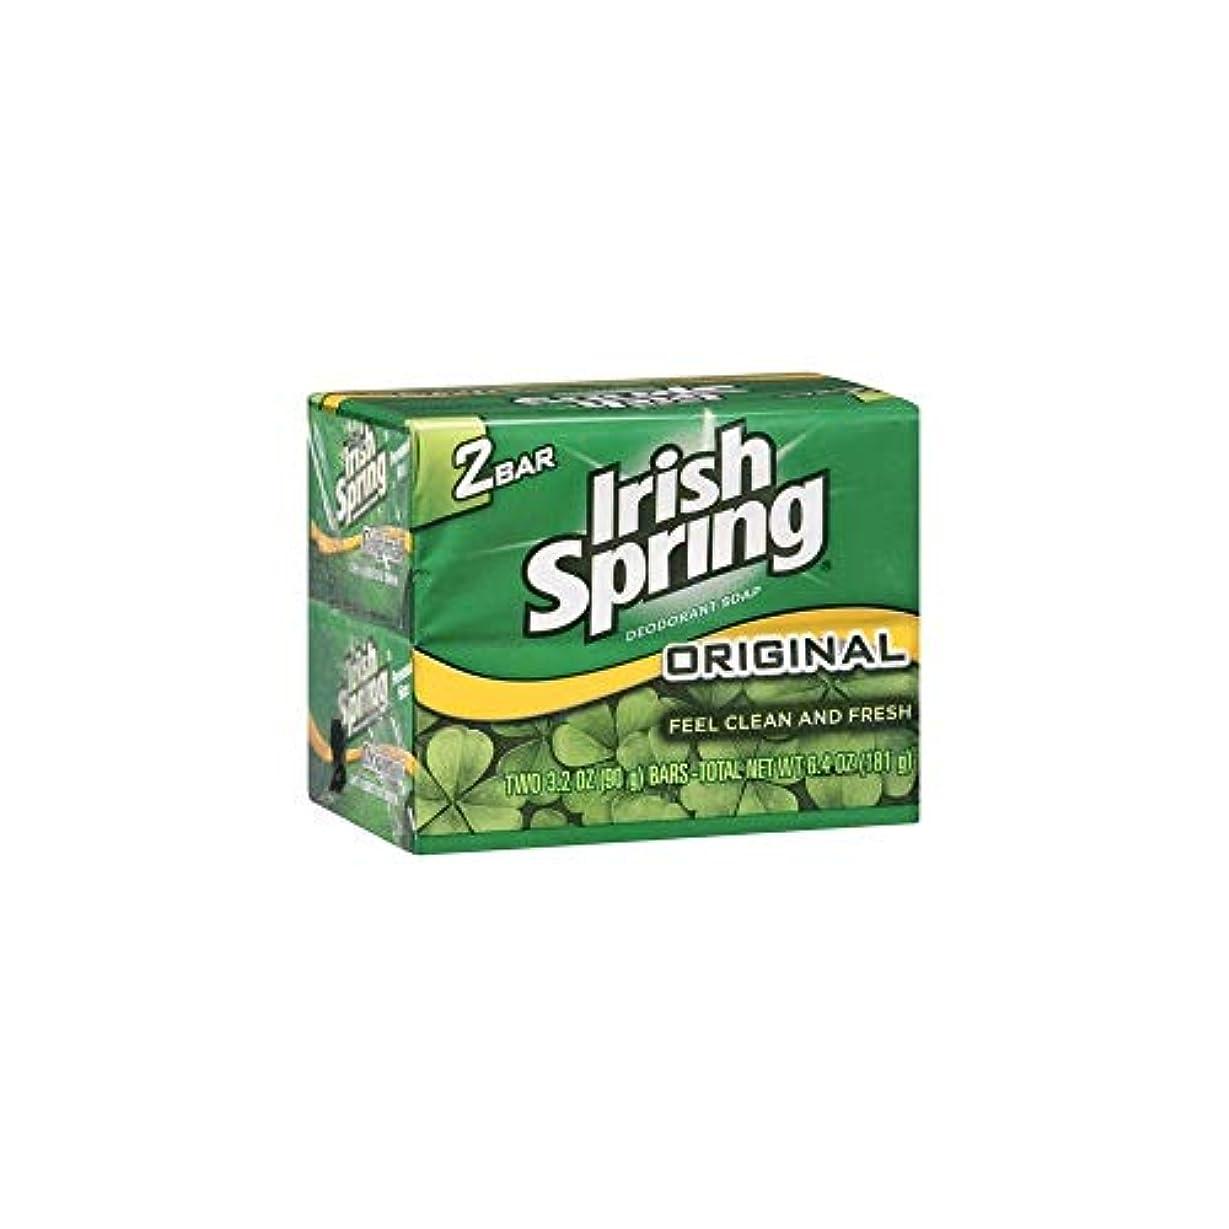 たらい密輸路地Irish Spring 石鹸3.2オズバー 4つのバー